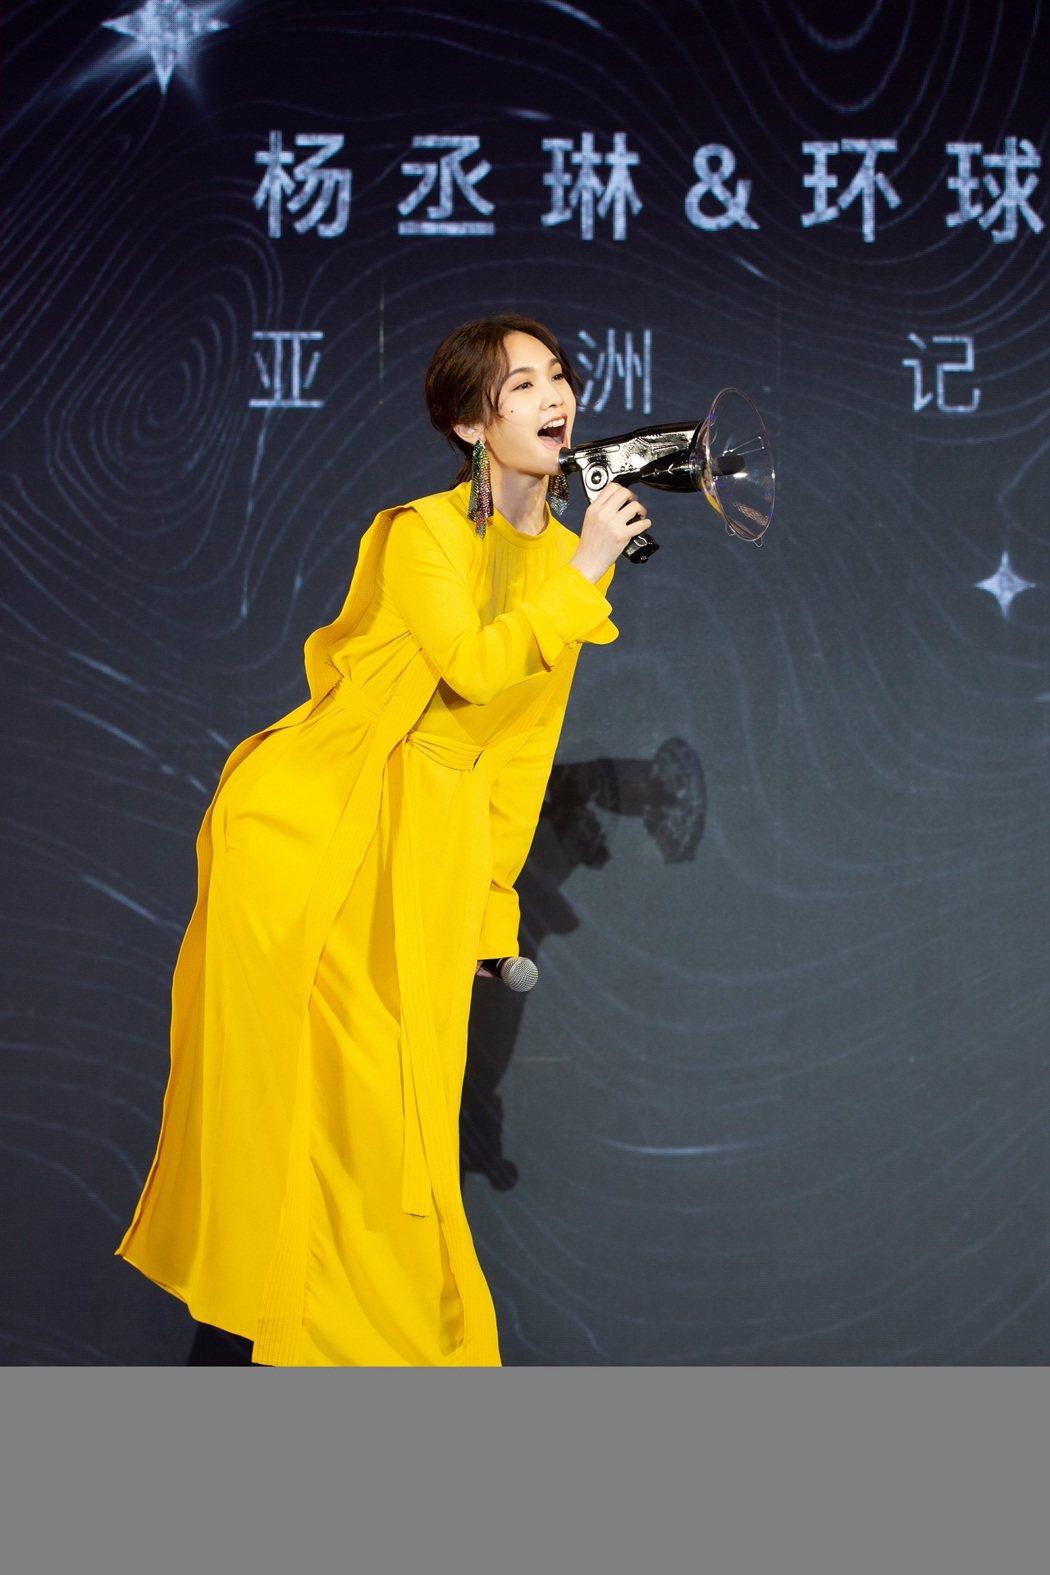 楊丞琳加盟EMI外,也預告將在2年內完婚。圖/EMI提供